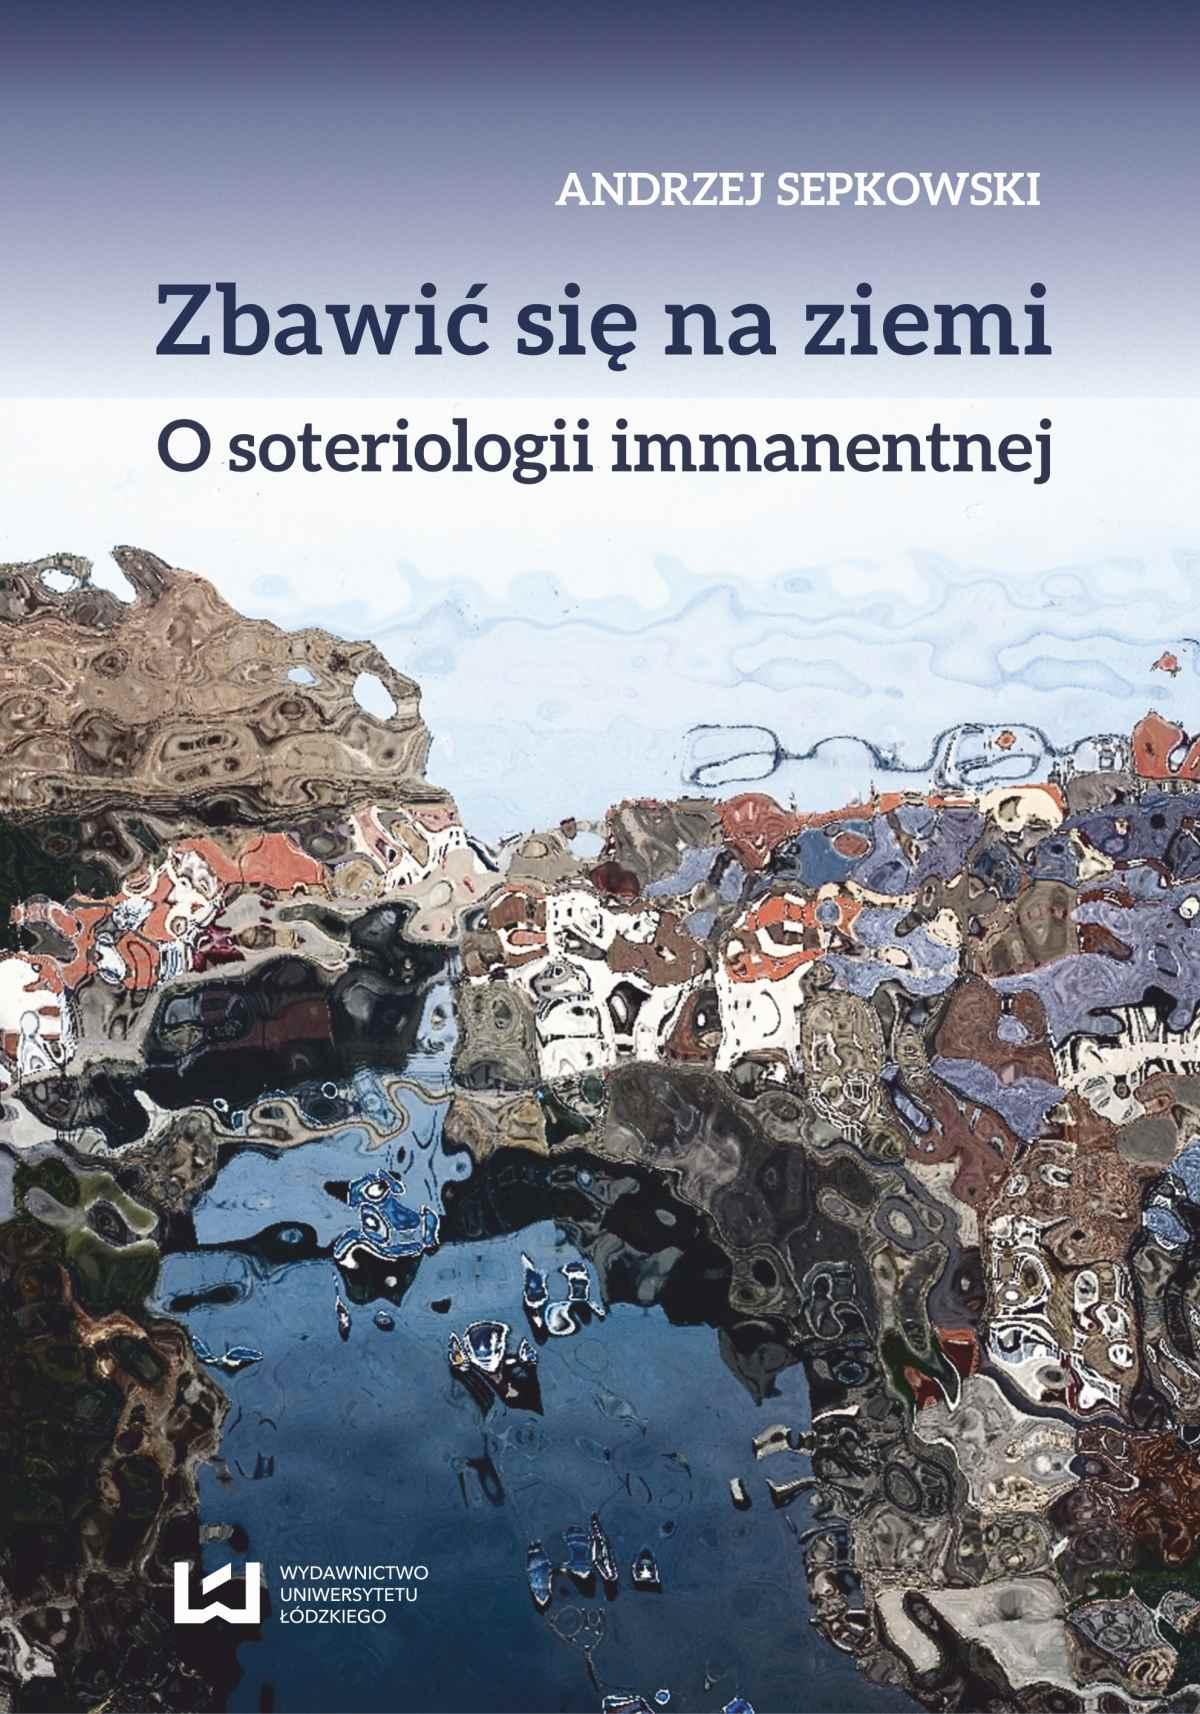 Zbawić się na ziemi. O soteriologii immanentnej - Ebook (Książka PDF) do pobrania w formacie PDF